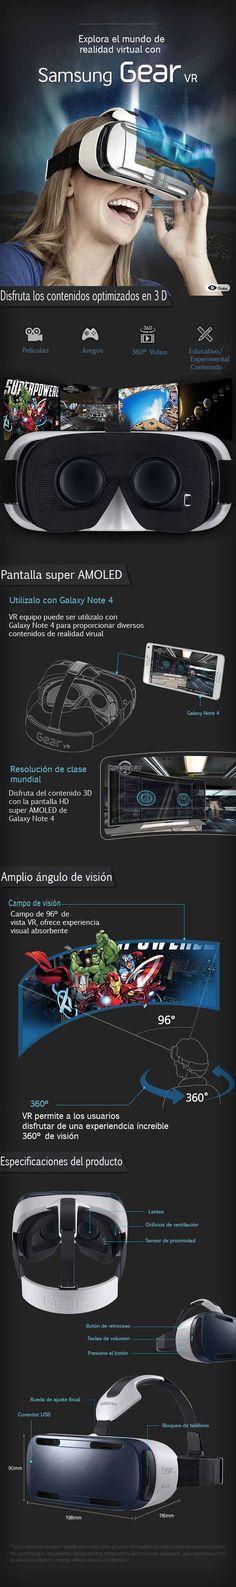 Samsung gear vr en infografía, el top en realidad virtual en celulares